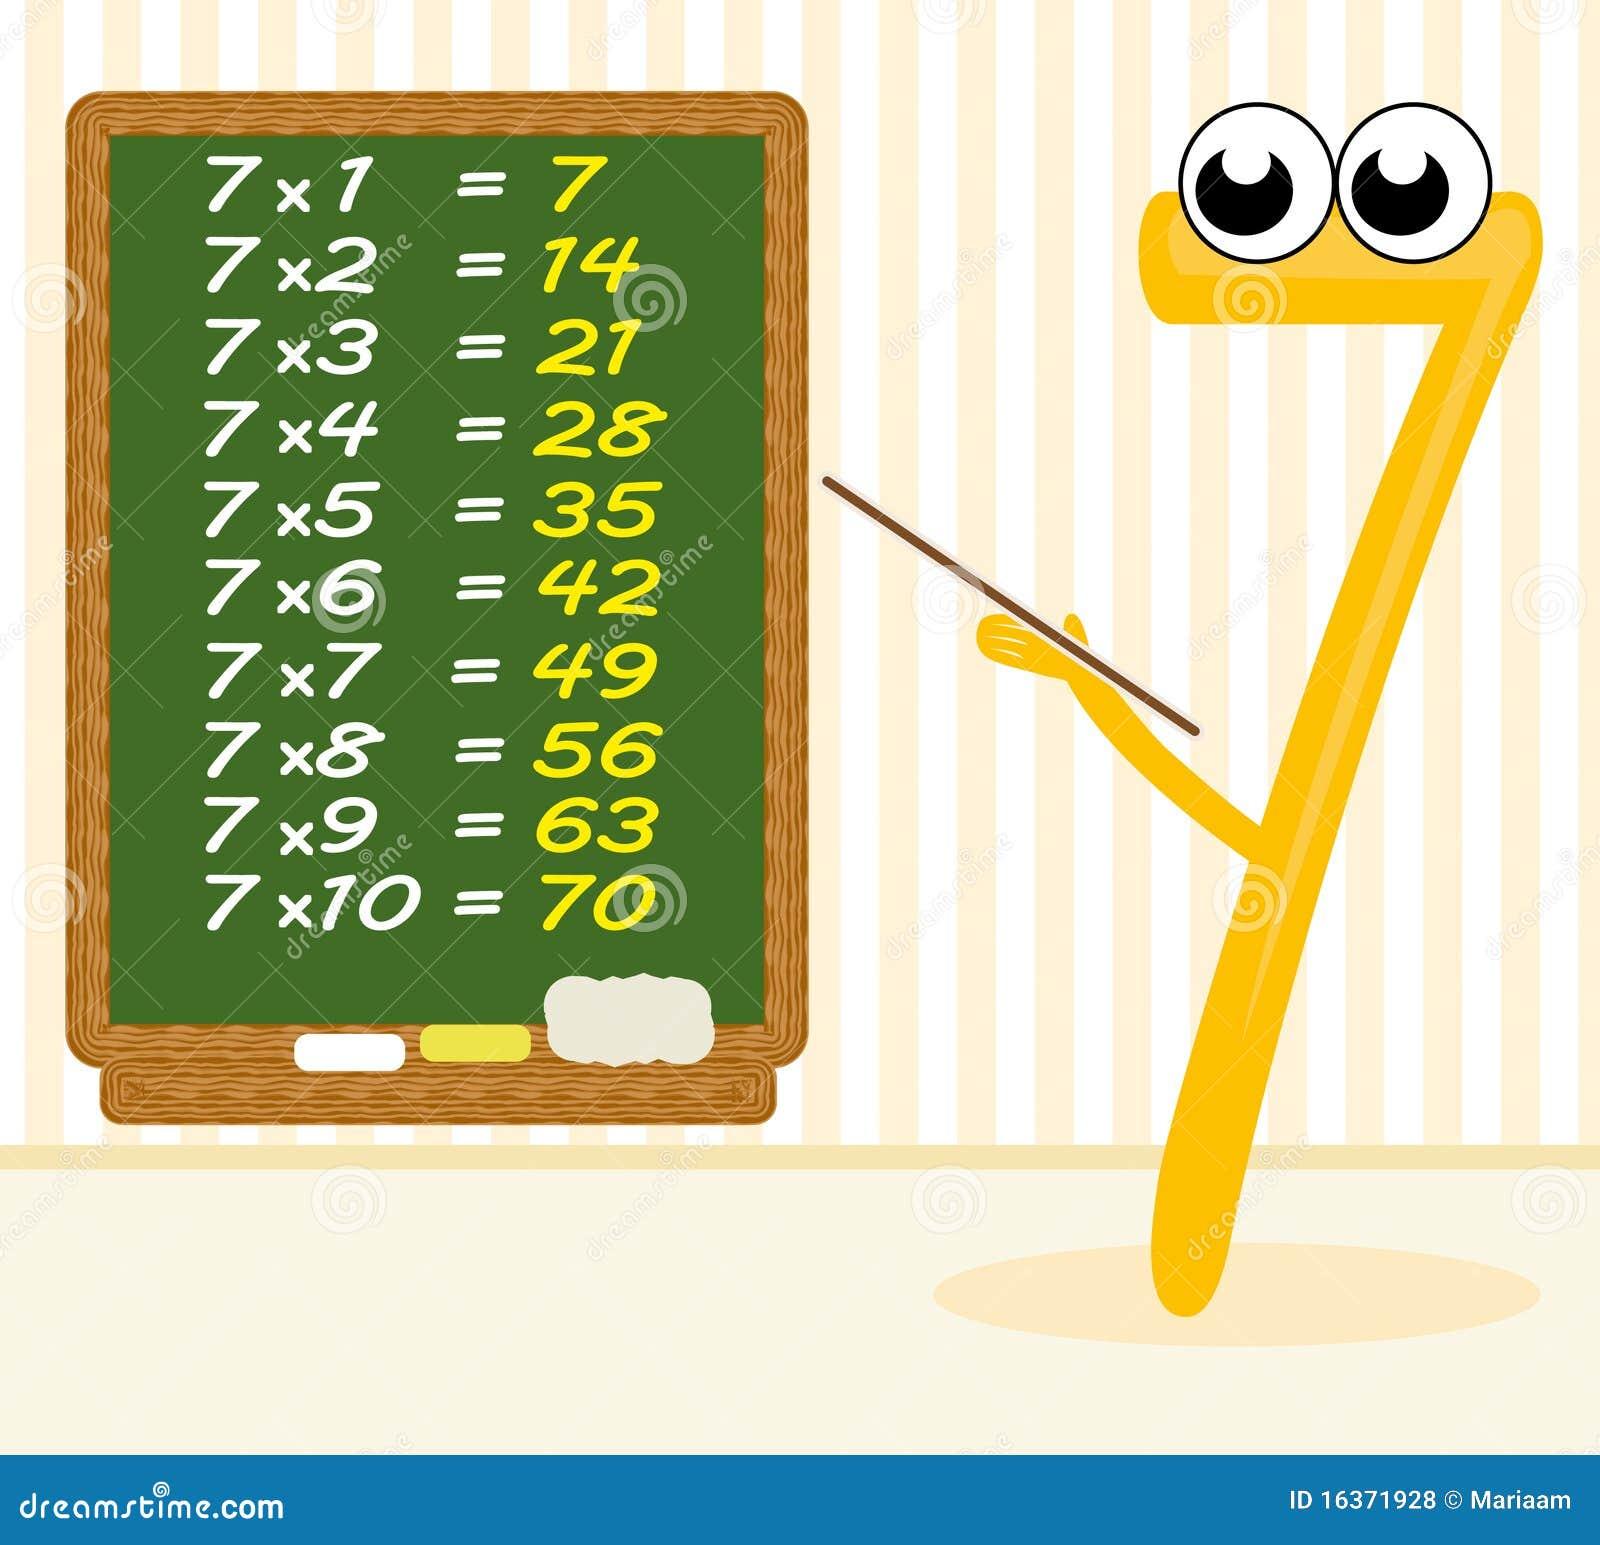 Worksheet. 7 Multiplication. Mikyu Free Worksheet